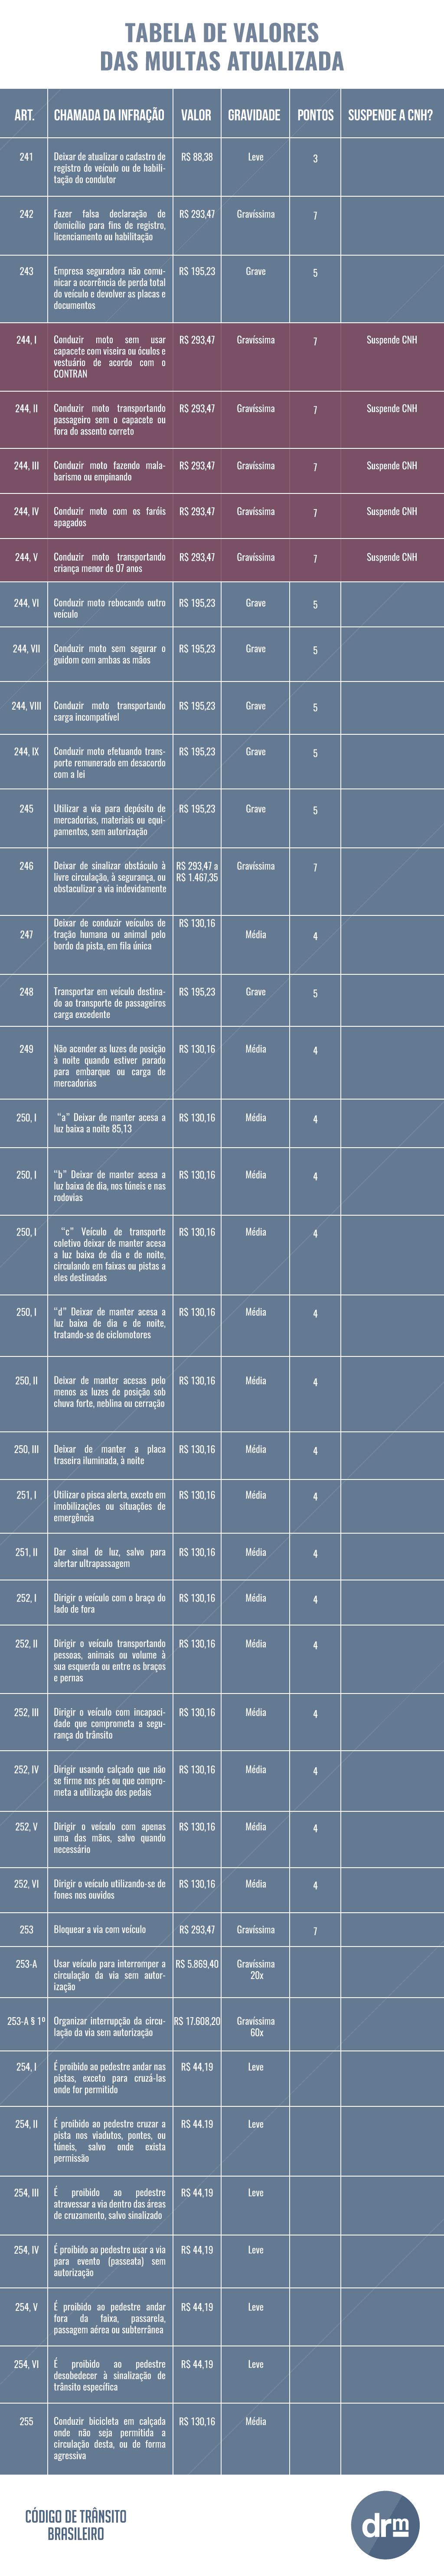 Novos valores de Multas de Trânsito (Tabela Atualizada) b482b5f974